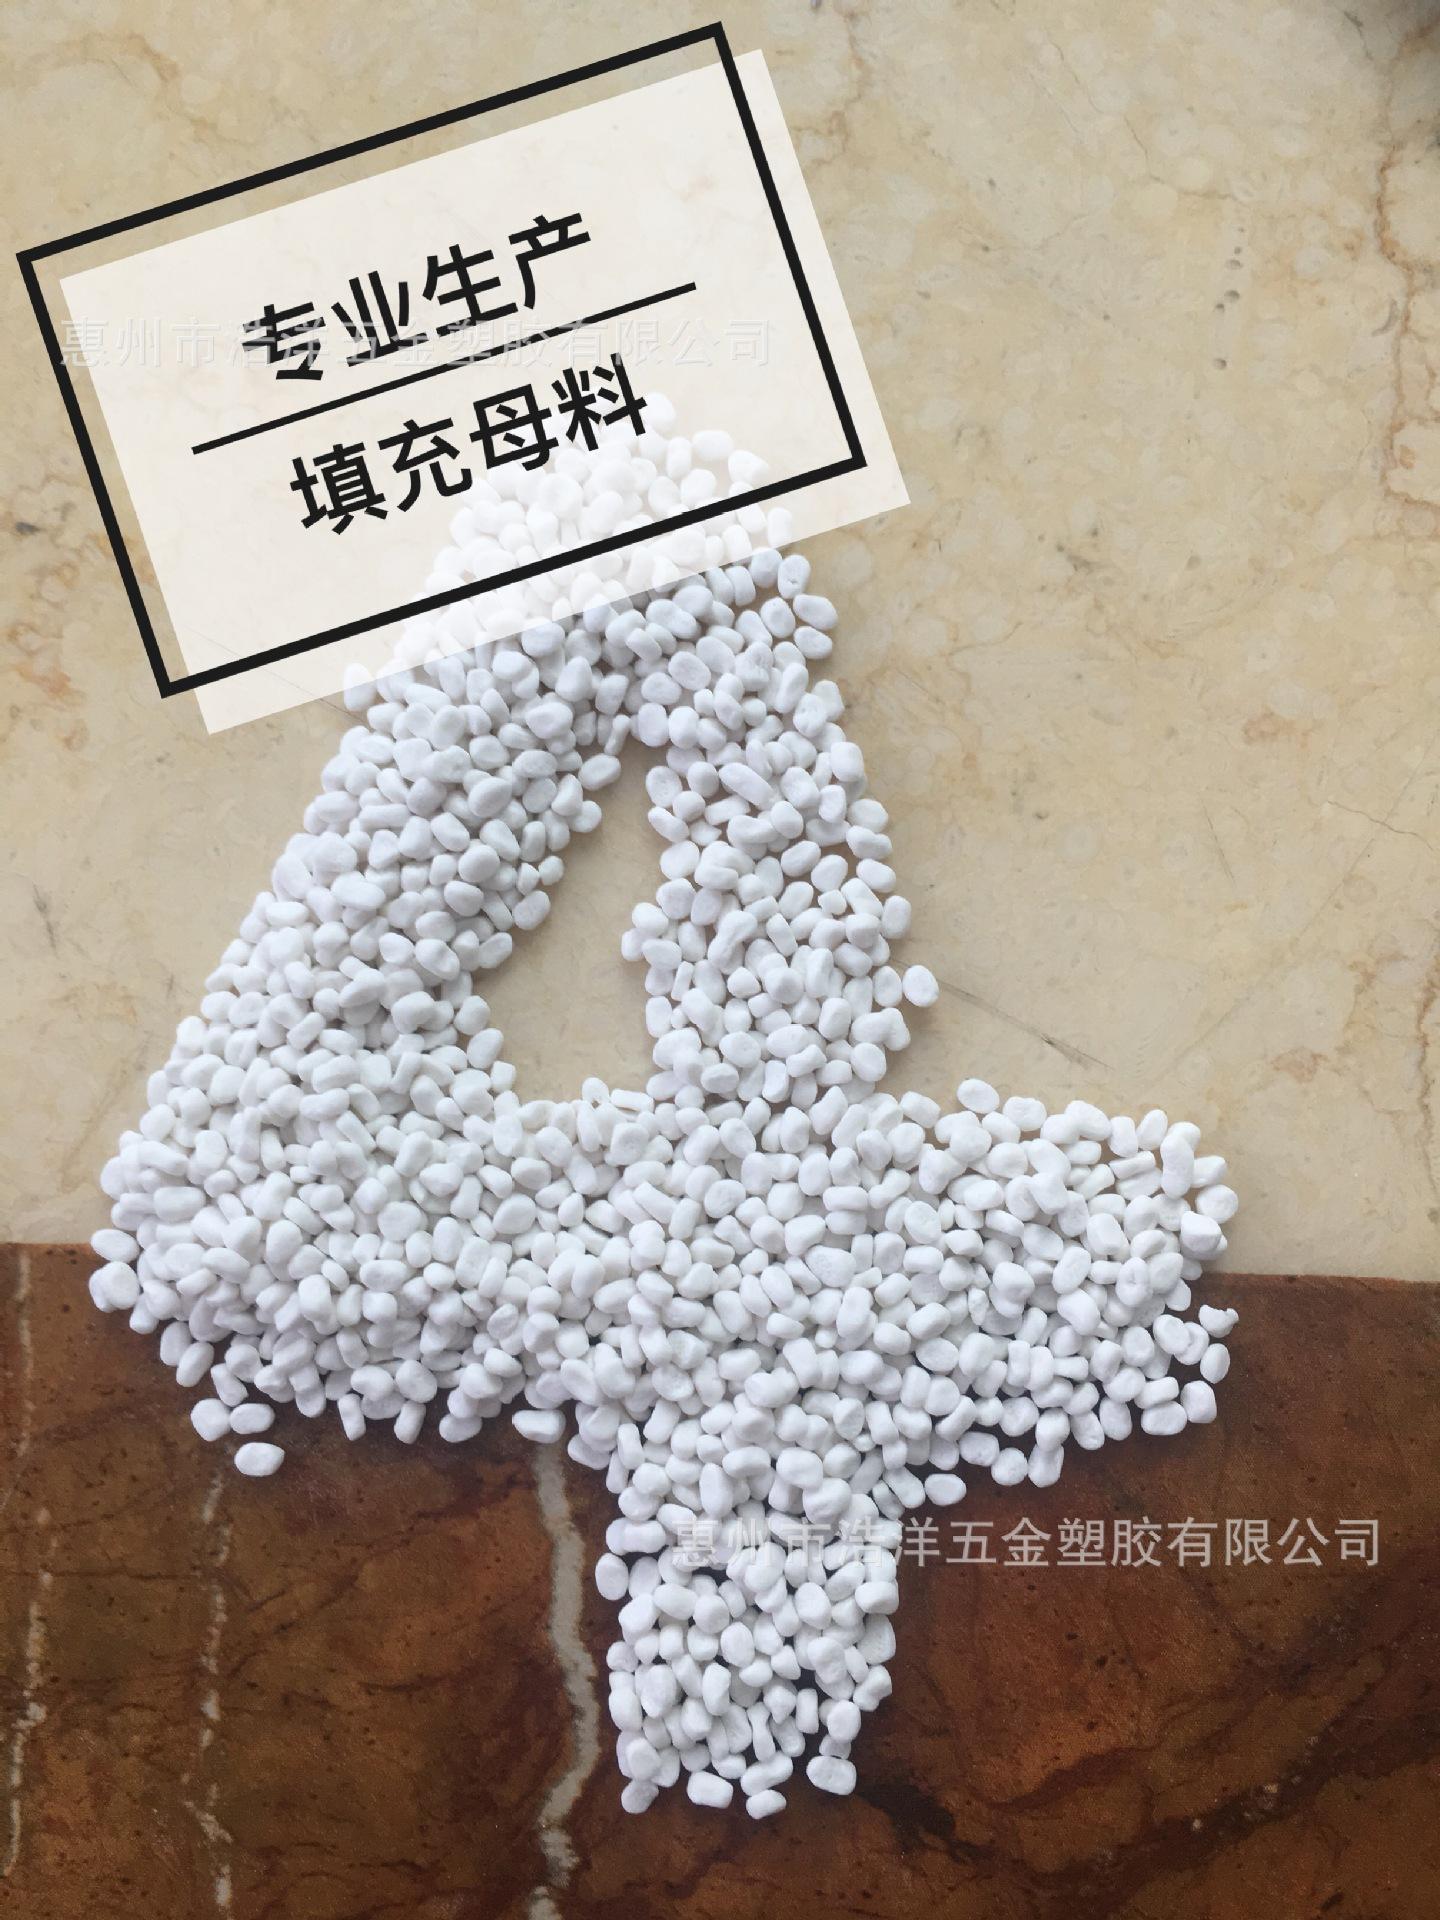 PP PE片材碳酸钙填充母料 厂家提供